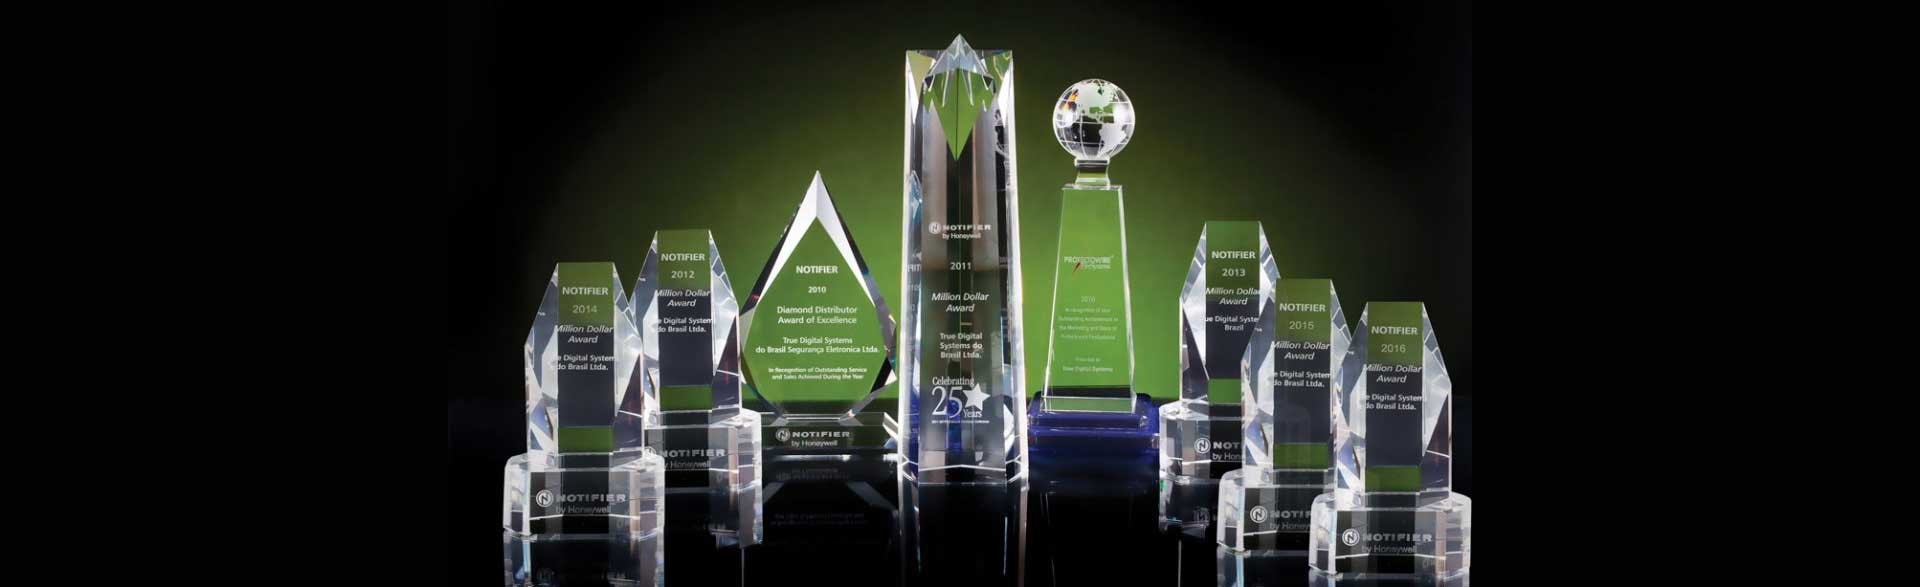 TDS-premios-set2-020-2